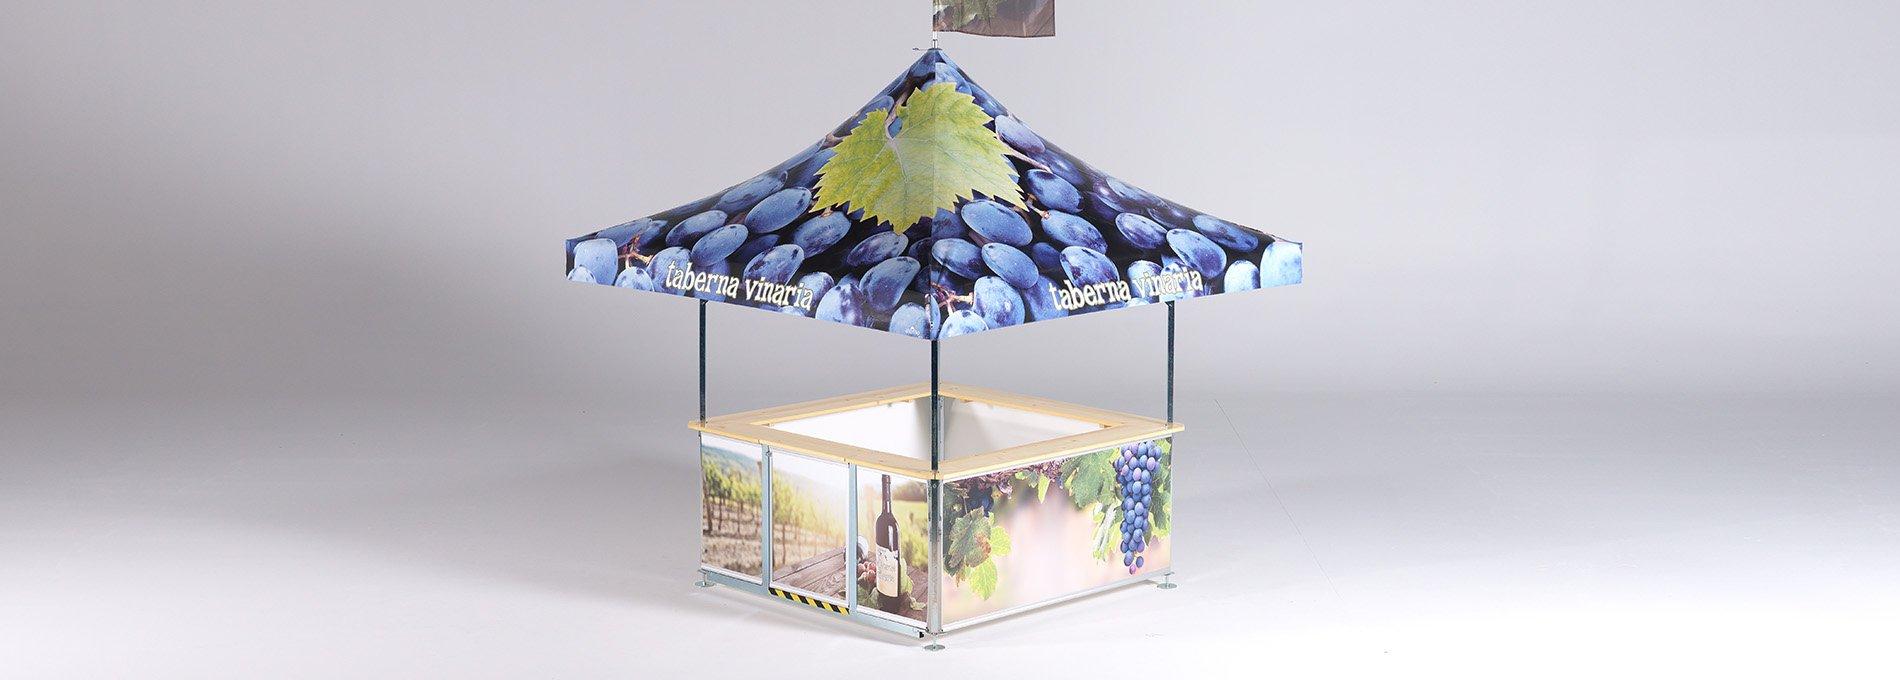 Viereck-Weinstand bedruckt mit Trauben und Weinflasche